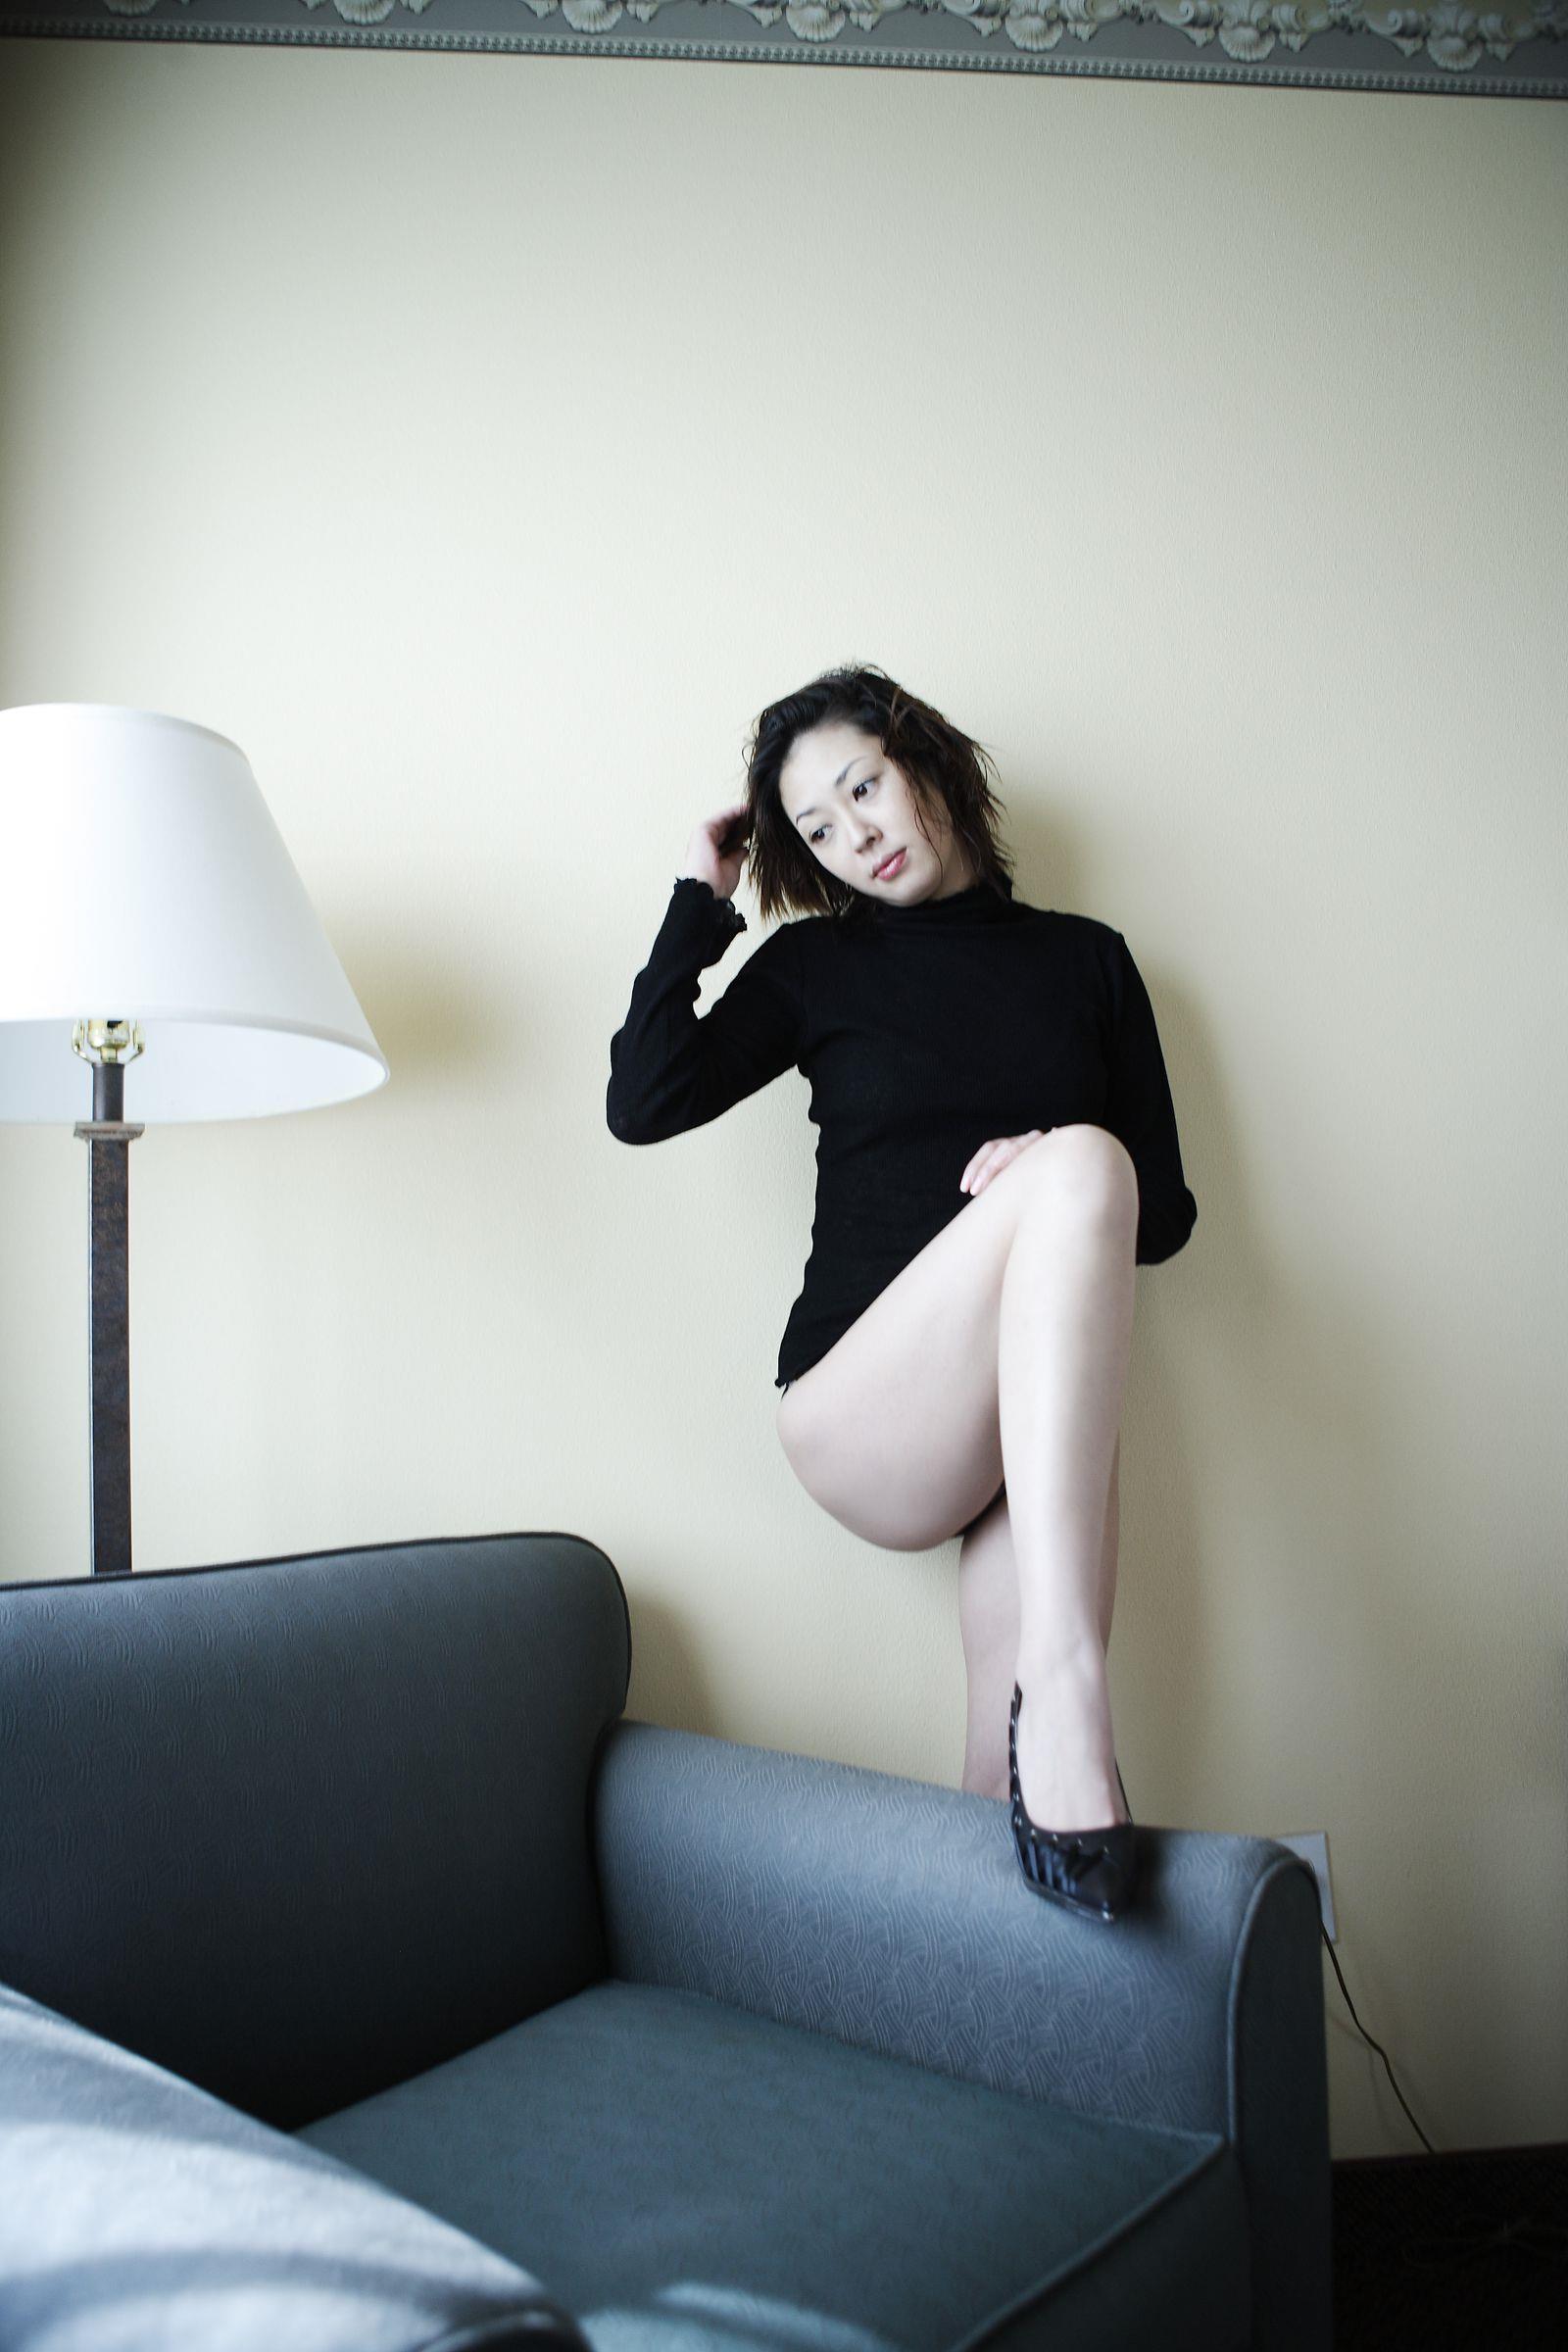 小松千春 画像 4